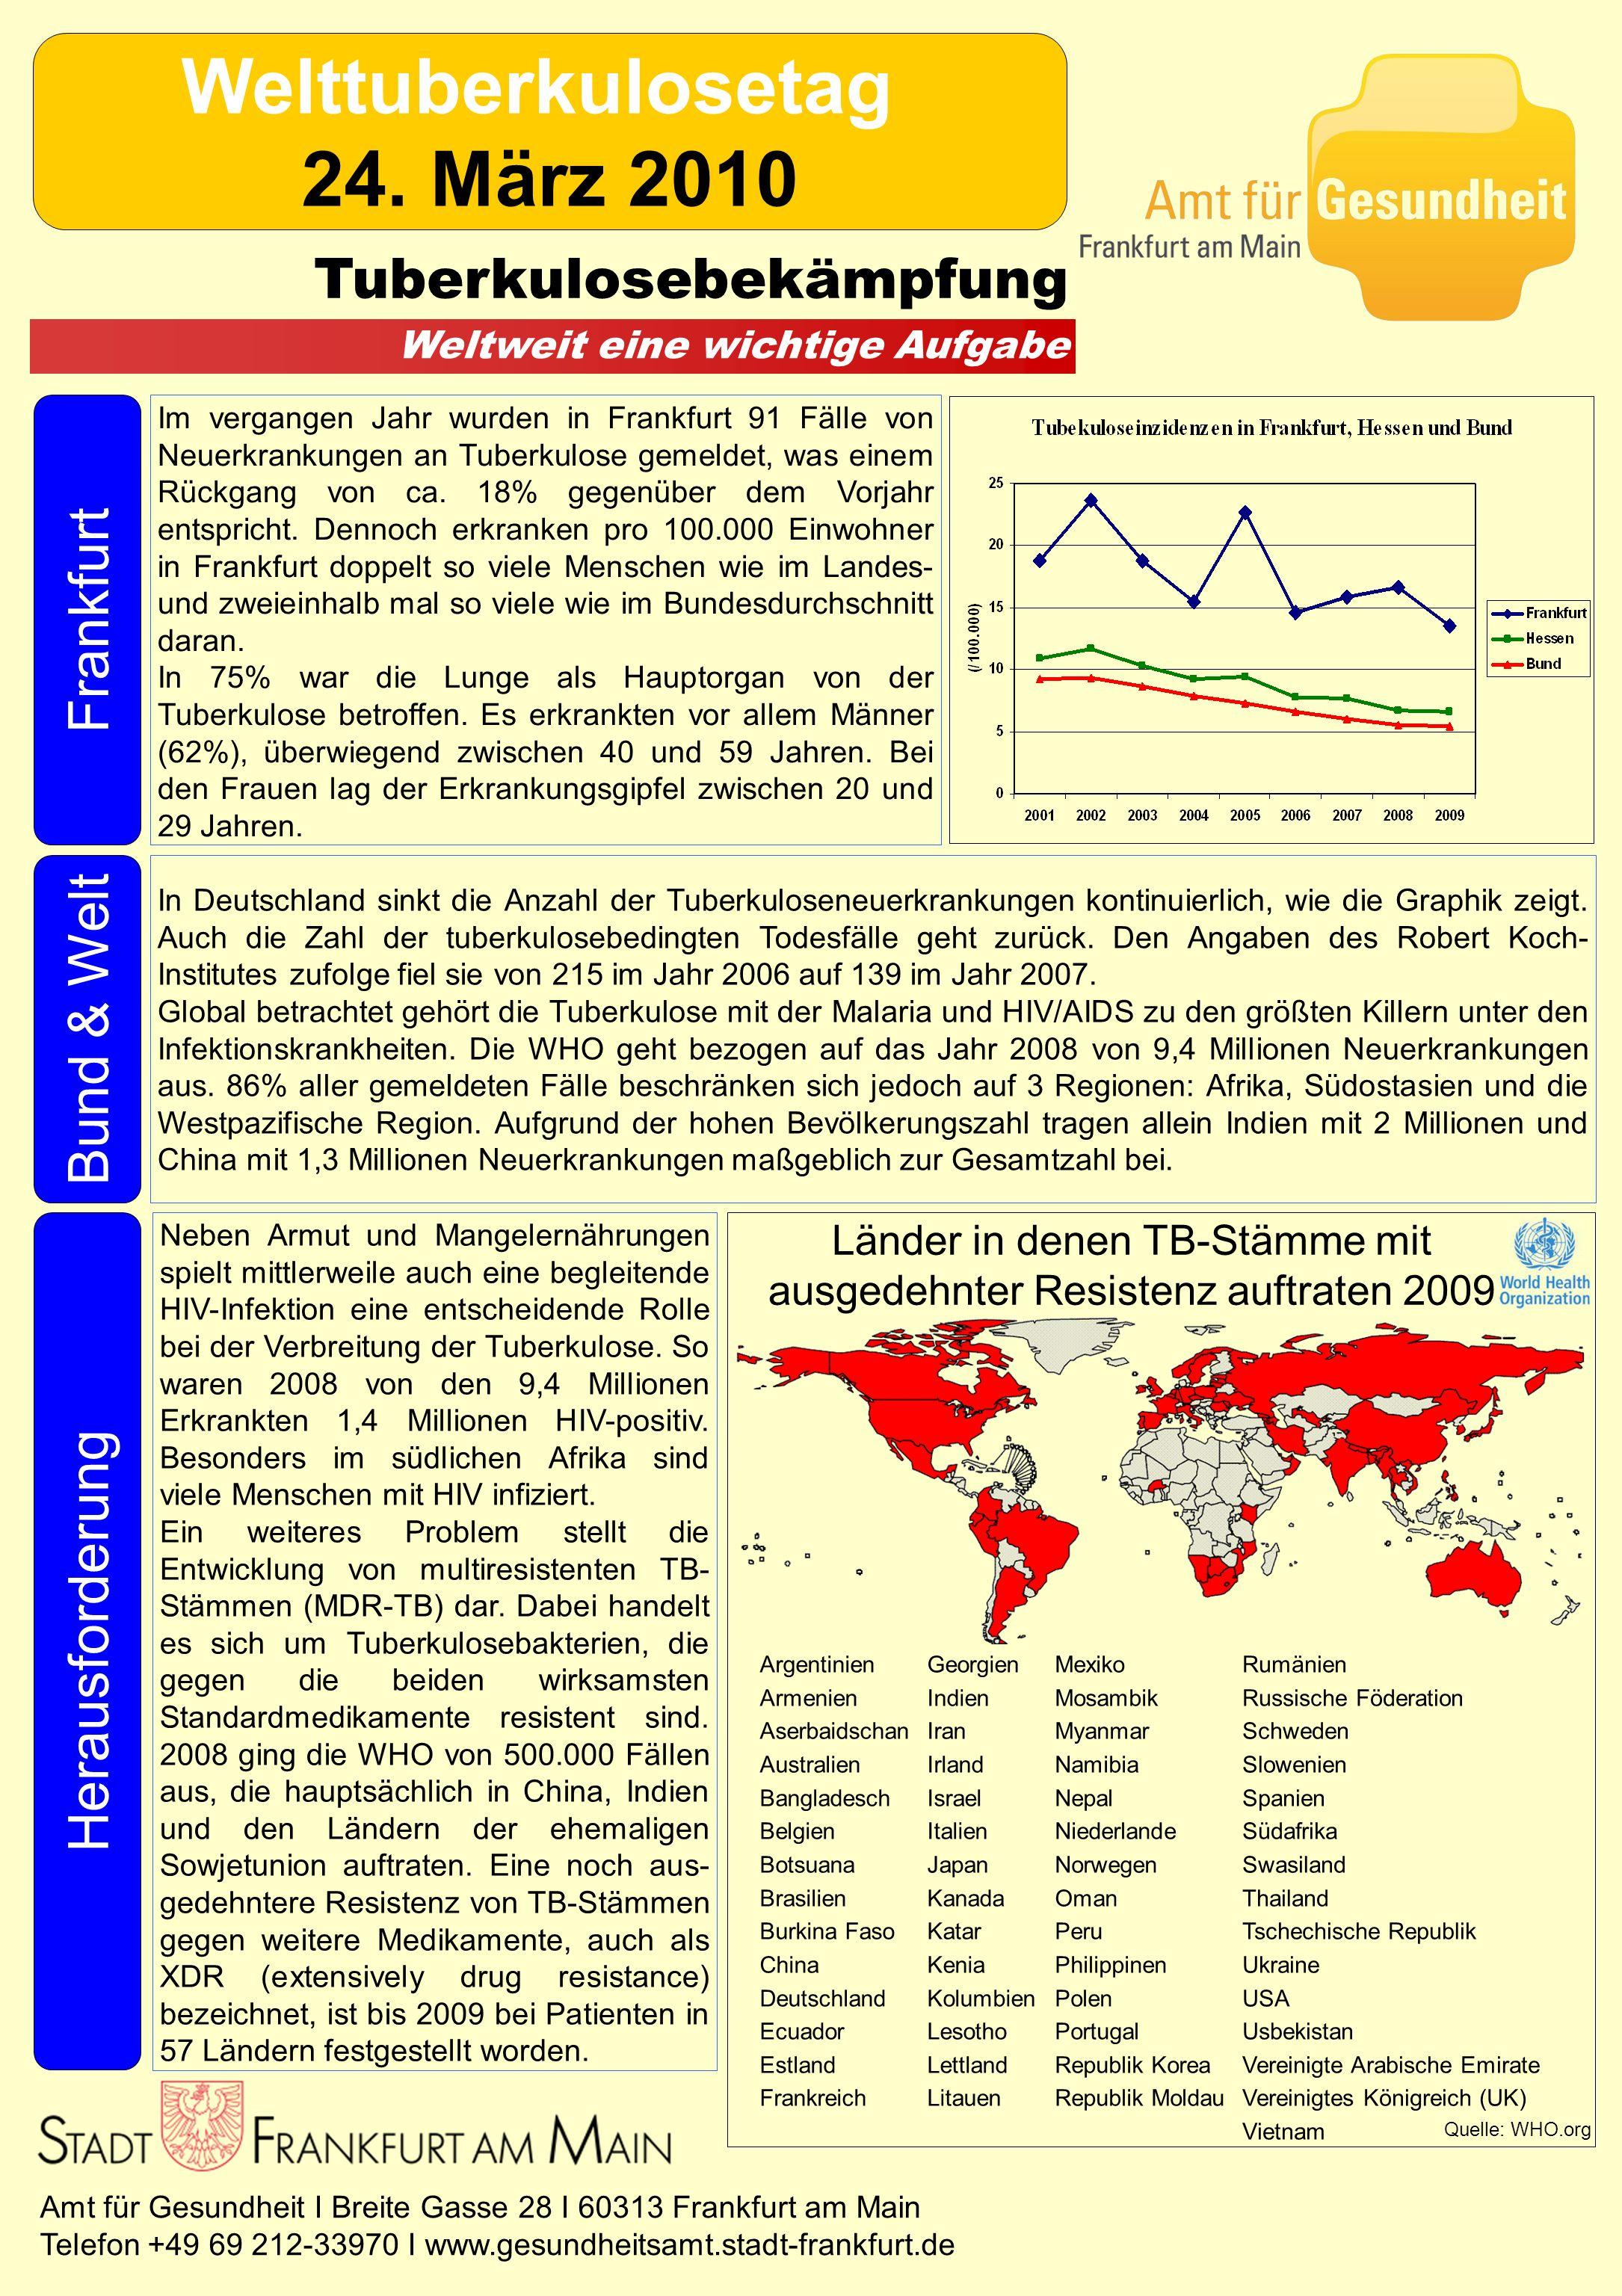 Tuberkulosebekämpfung Weltweit eine wichtige Aufgabe Welttuberkulosetag 24.